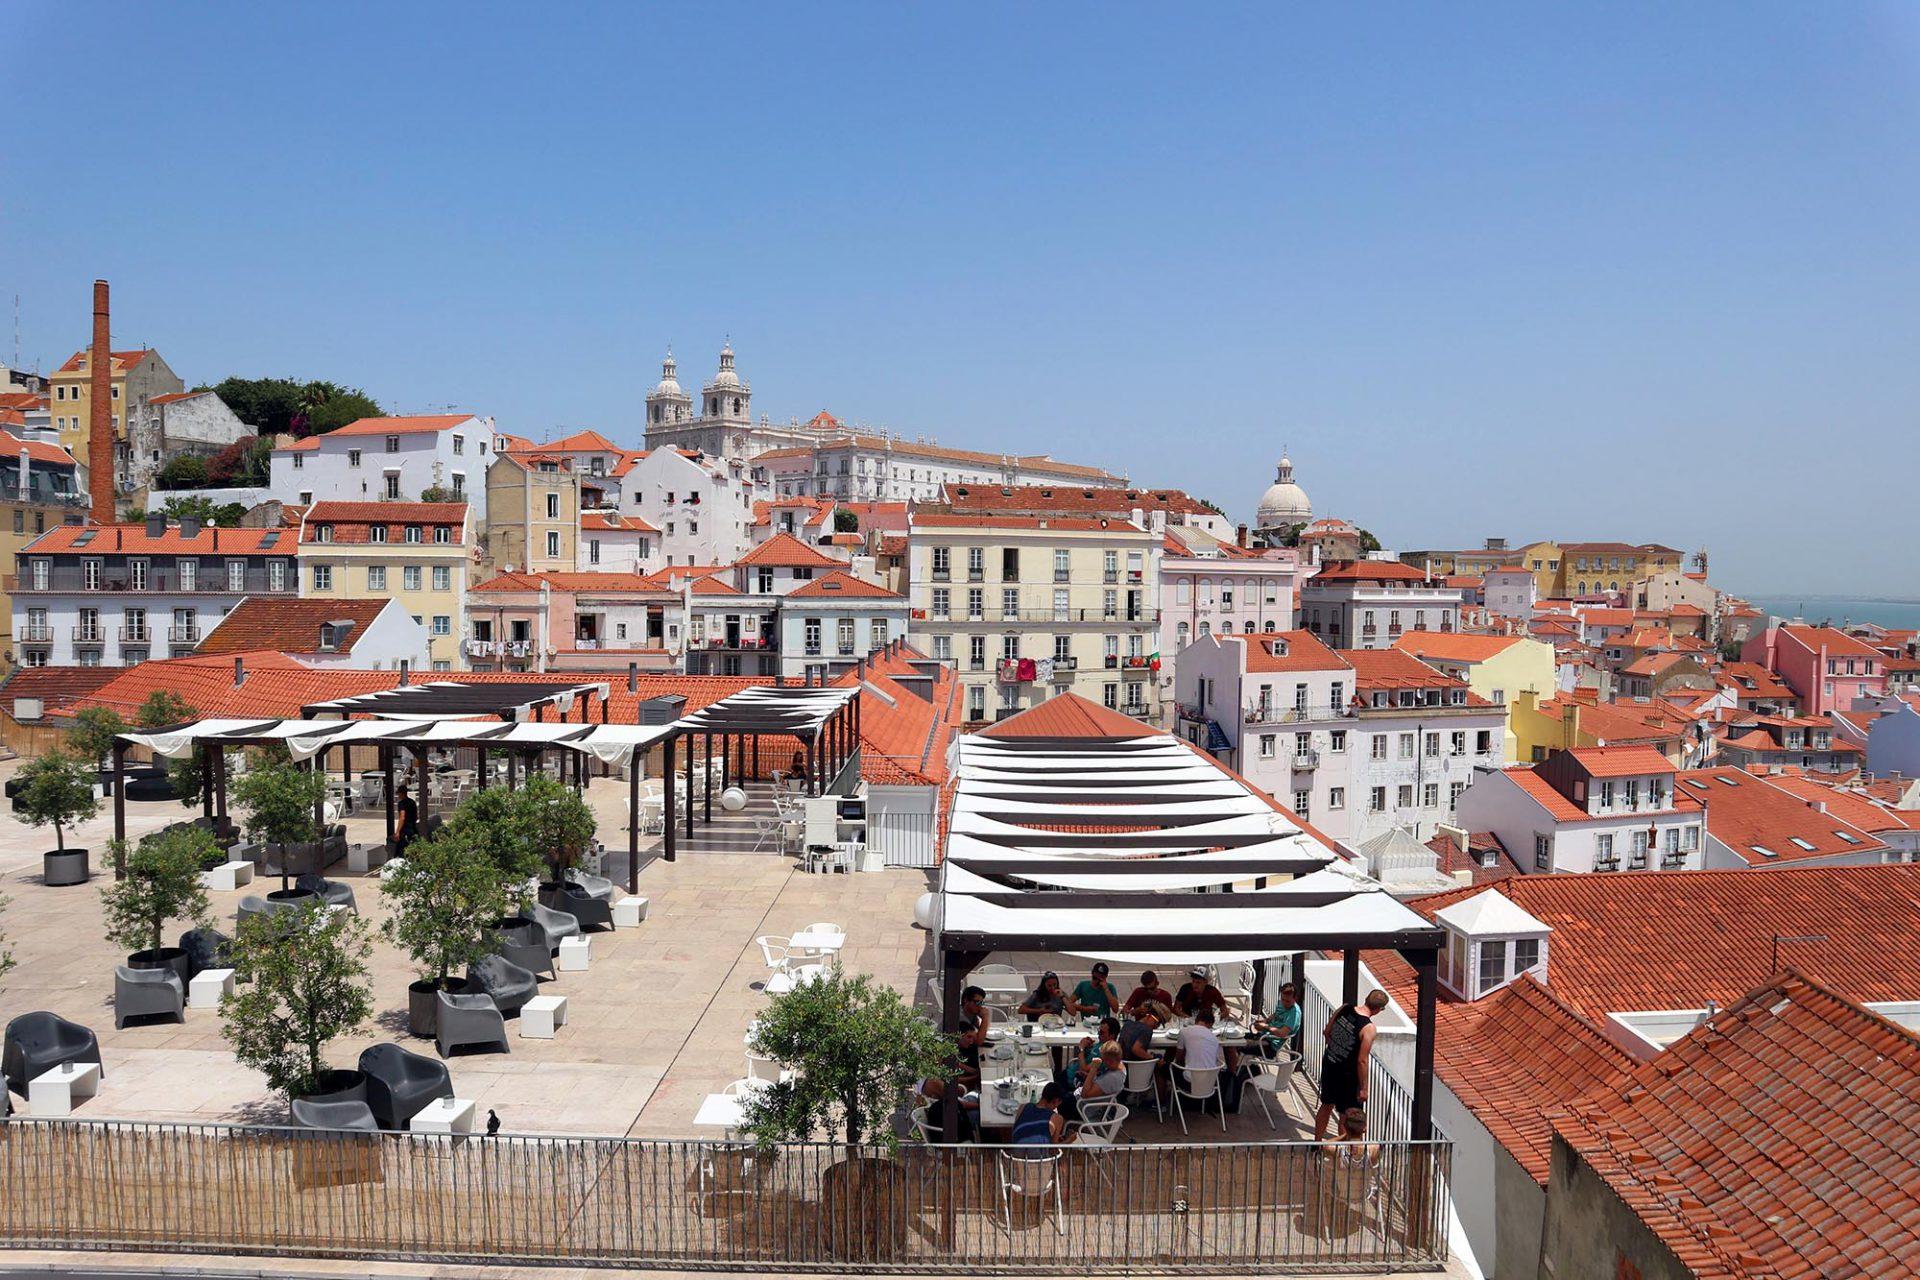 Portas Do Sol.  Die portugiesischen Architekten Aires Mateus planten 2005 eine ganz besondere Aussichtsplattform. Unter der städtischen Terrasse befindet sich ein Parkhaus. Zugleich wurden die Wegebeziehungen im Stadtteil neu definiert.